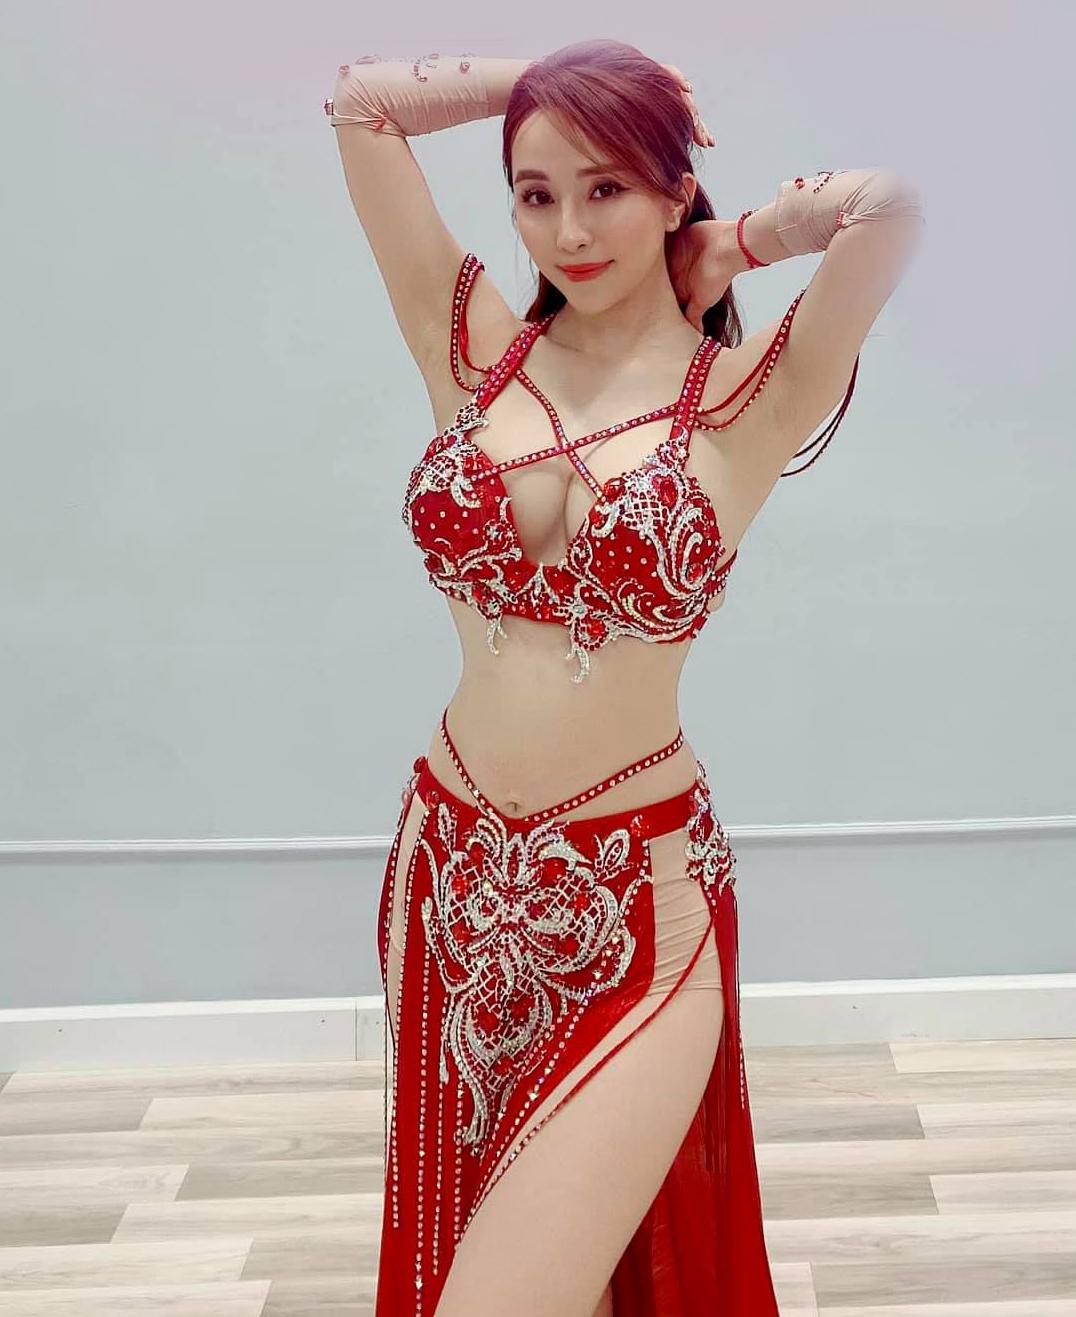 Hồ Ngọc Hà táo bạo diện váy xẻ sâu, Quỳnh Nga dẫn đầu top sao mặc đẹp tuần qua